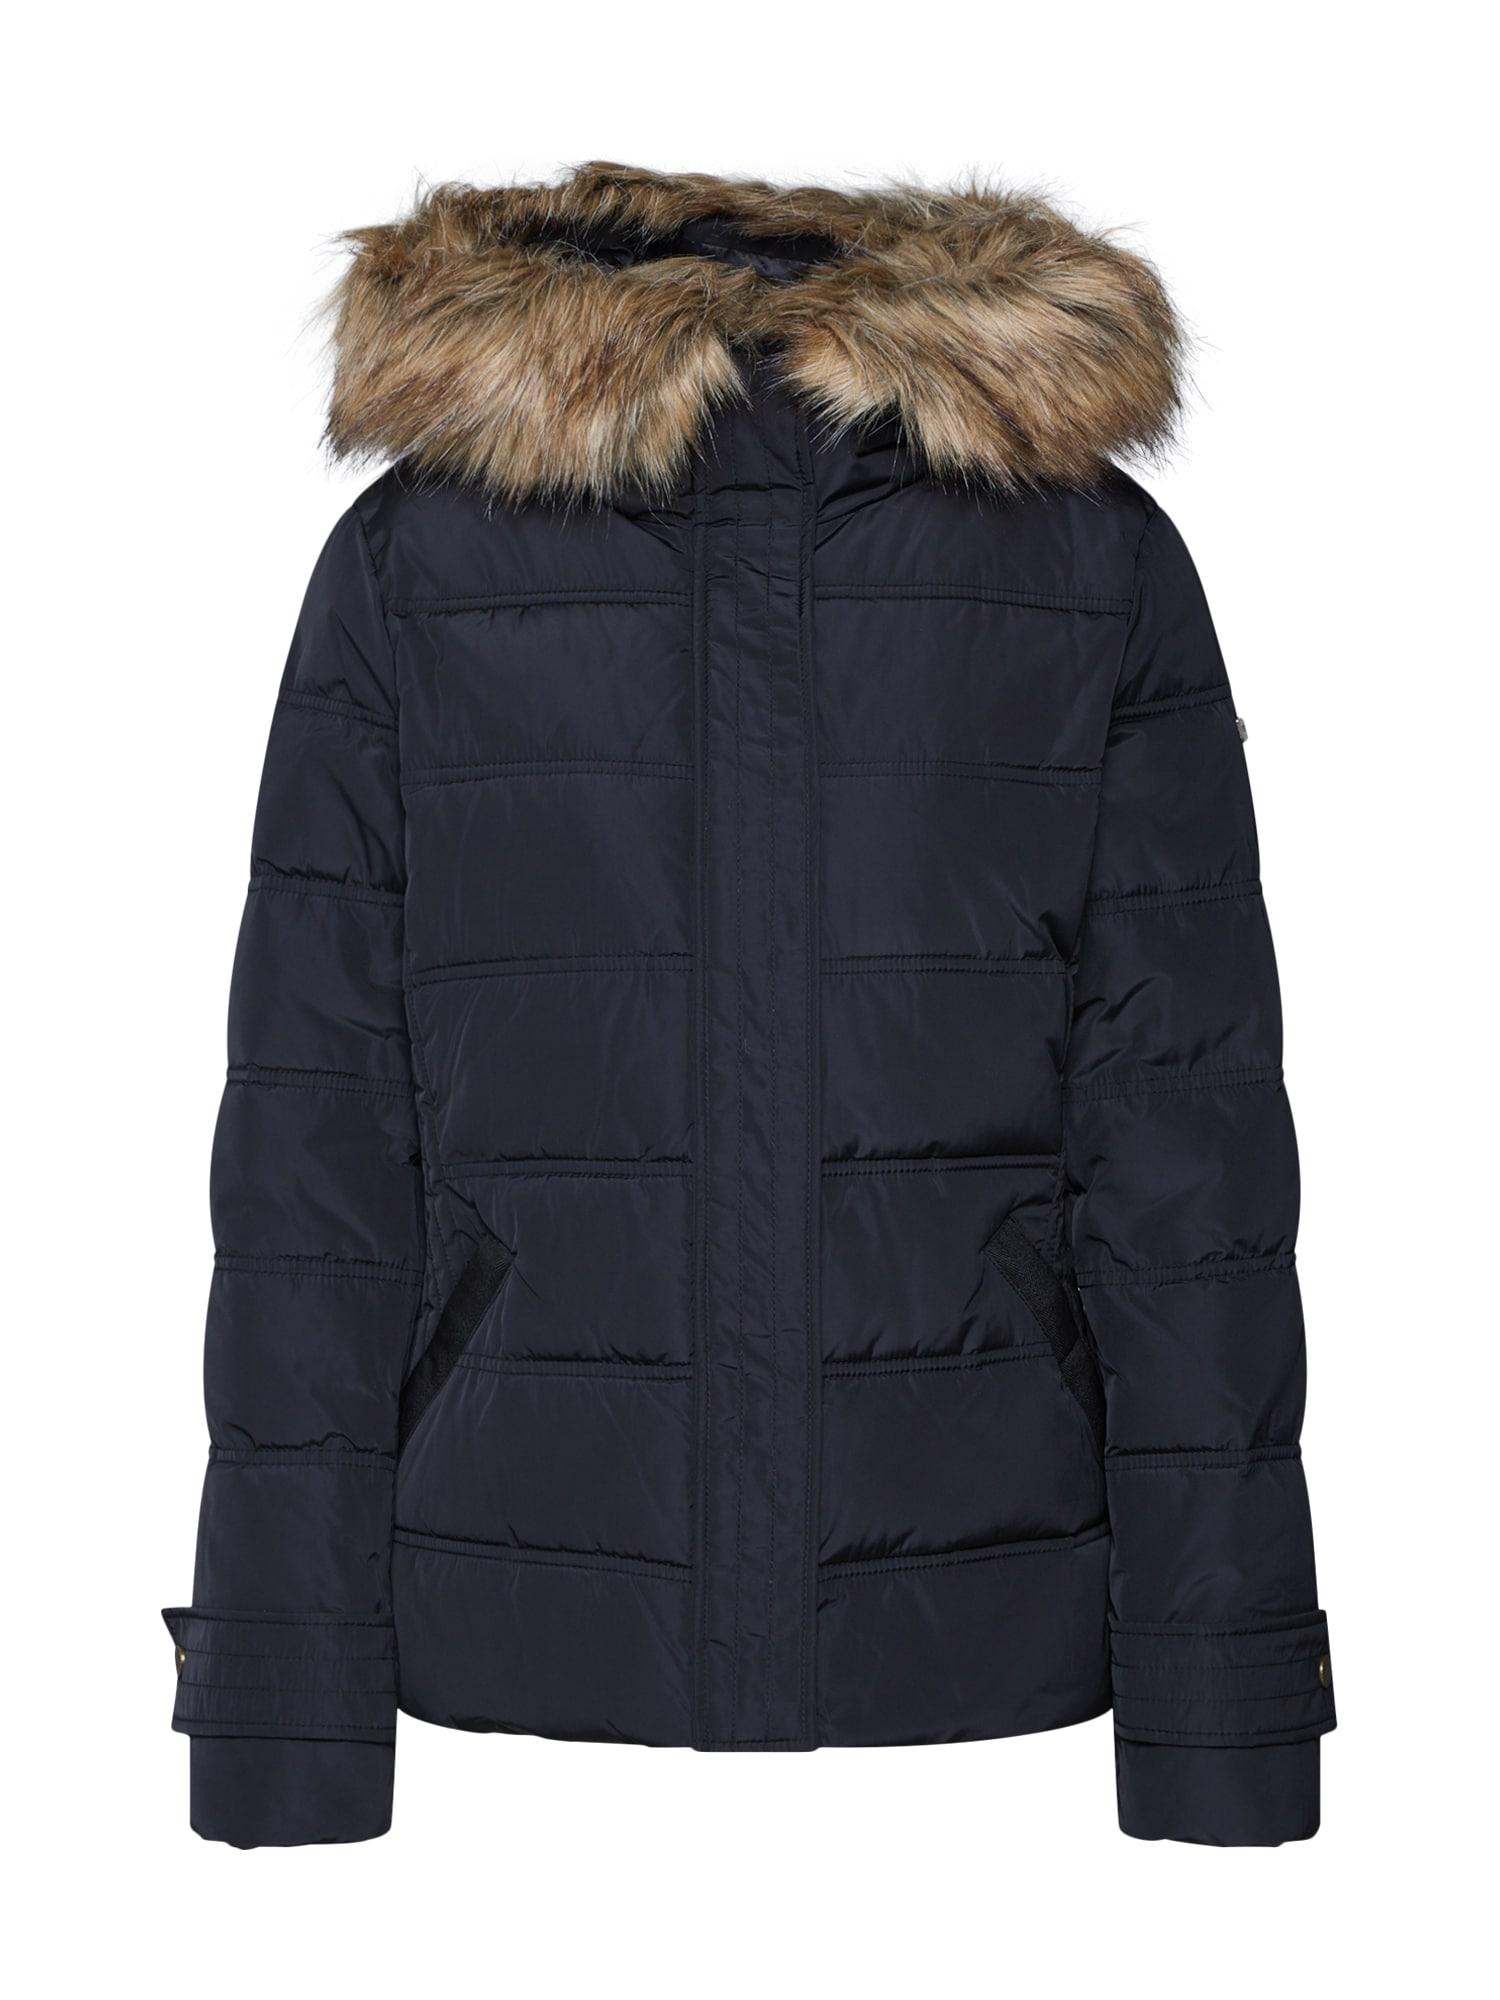 ESPRIT Žieminė striukė '3M Thinsulate' juoda